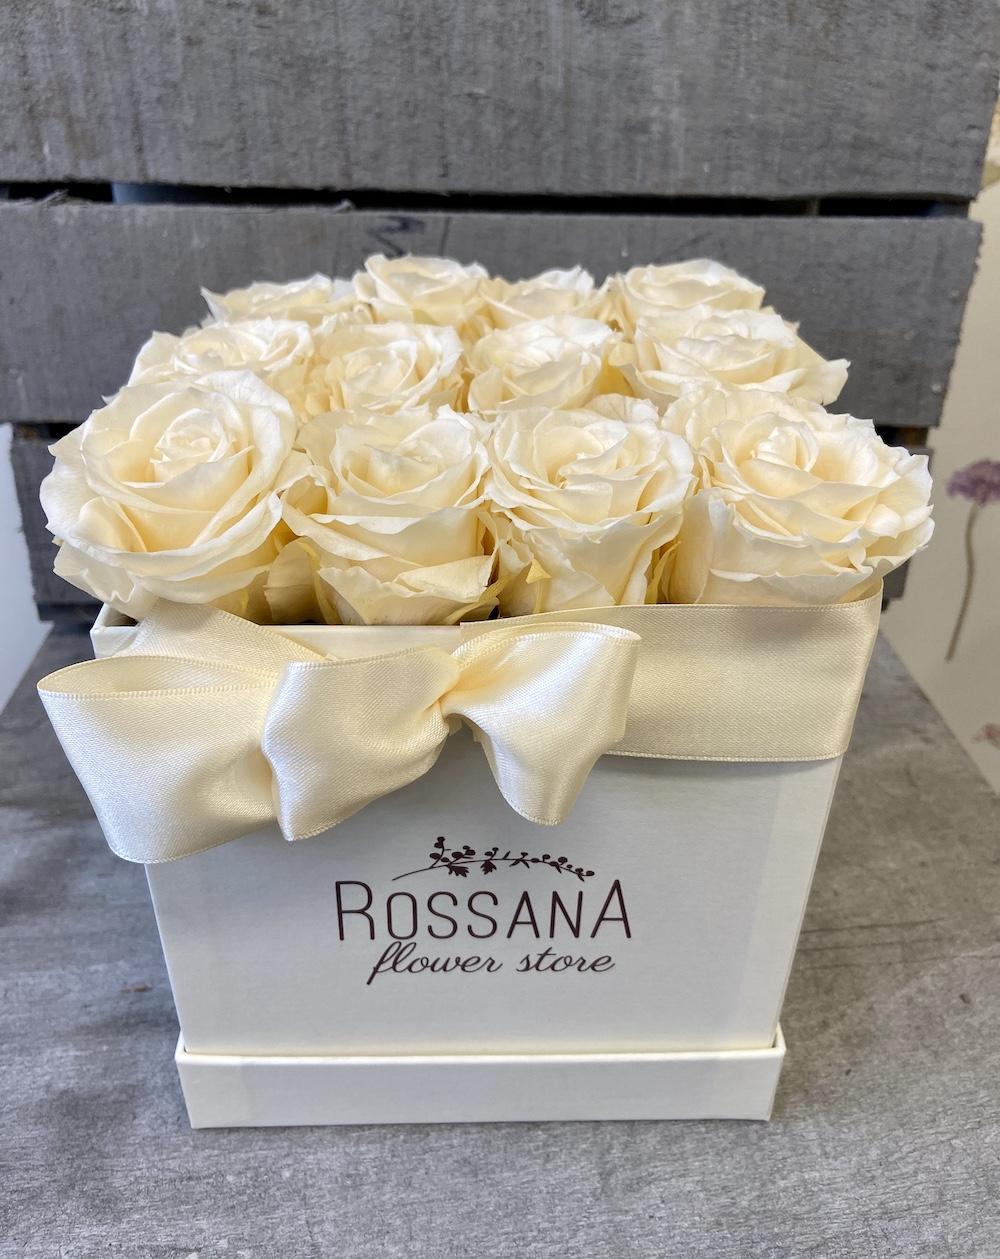 avorio flower box rose stabilizzate florashopping Rossana flower store NovellinoIMG_0781